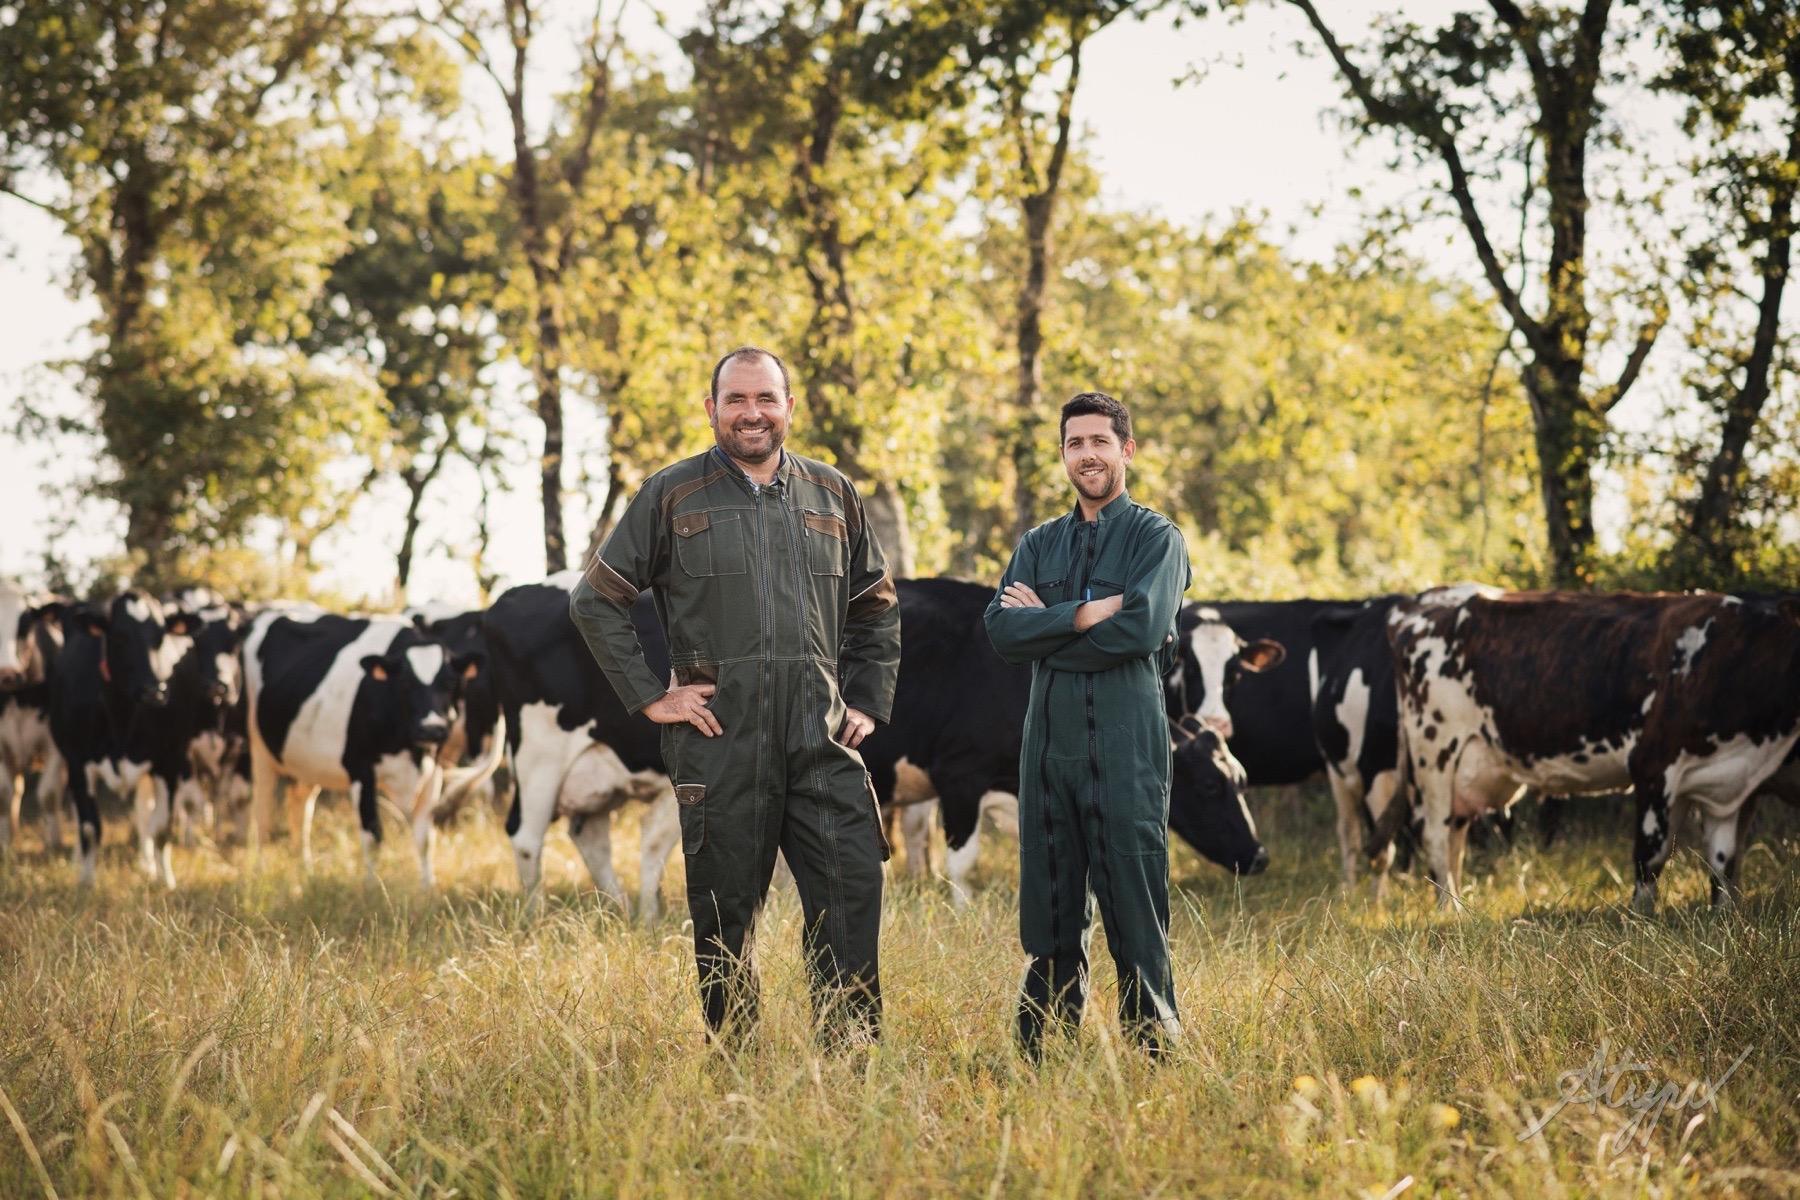 photographe publicitaire agriculture